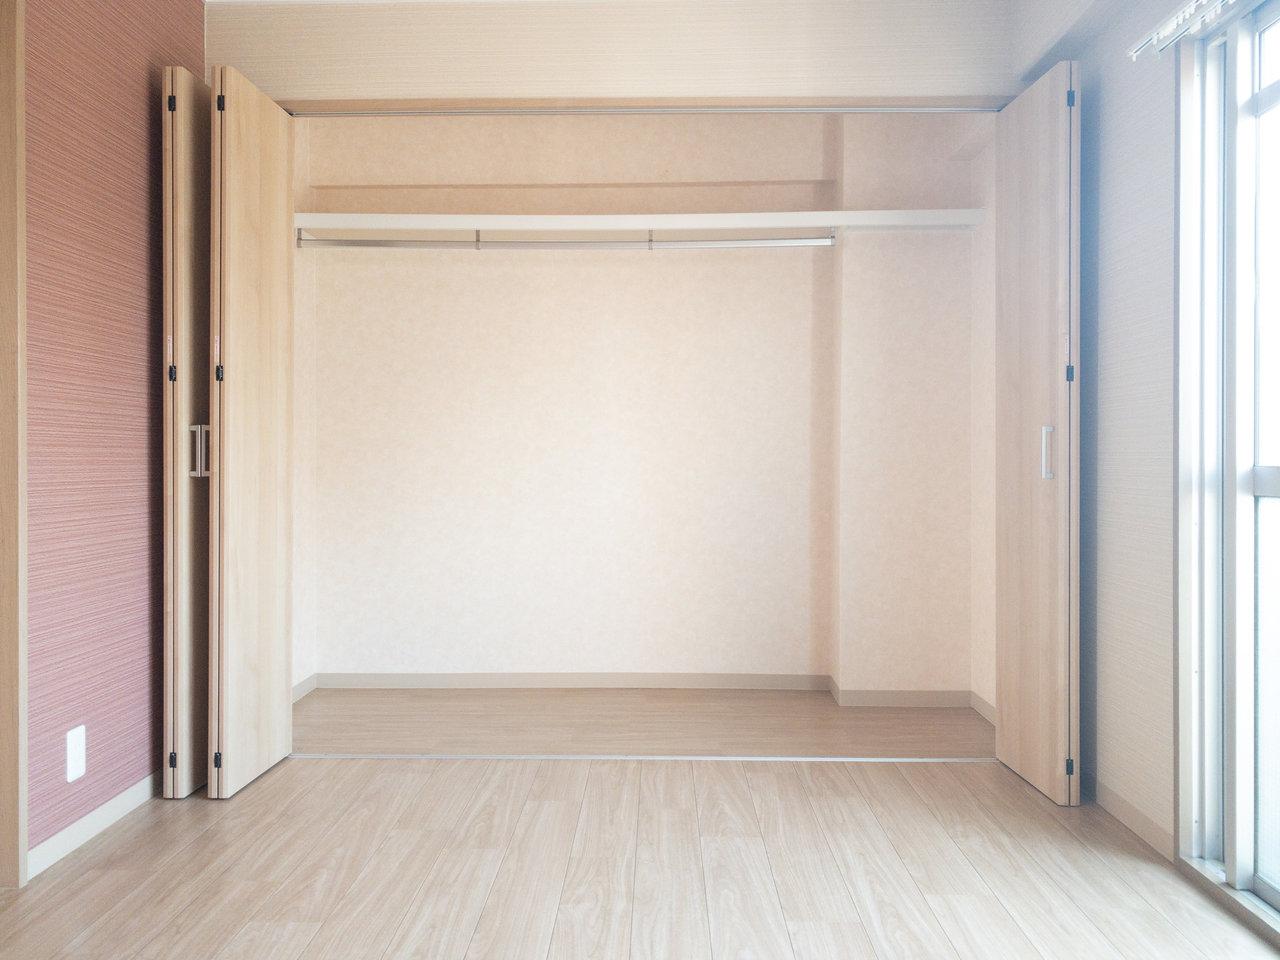 リビングと、洋室にはそれぞれ大きな収納スペースが!二人暮らしでも十分な量の荷物をしまえそうです。